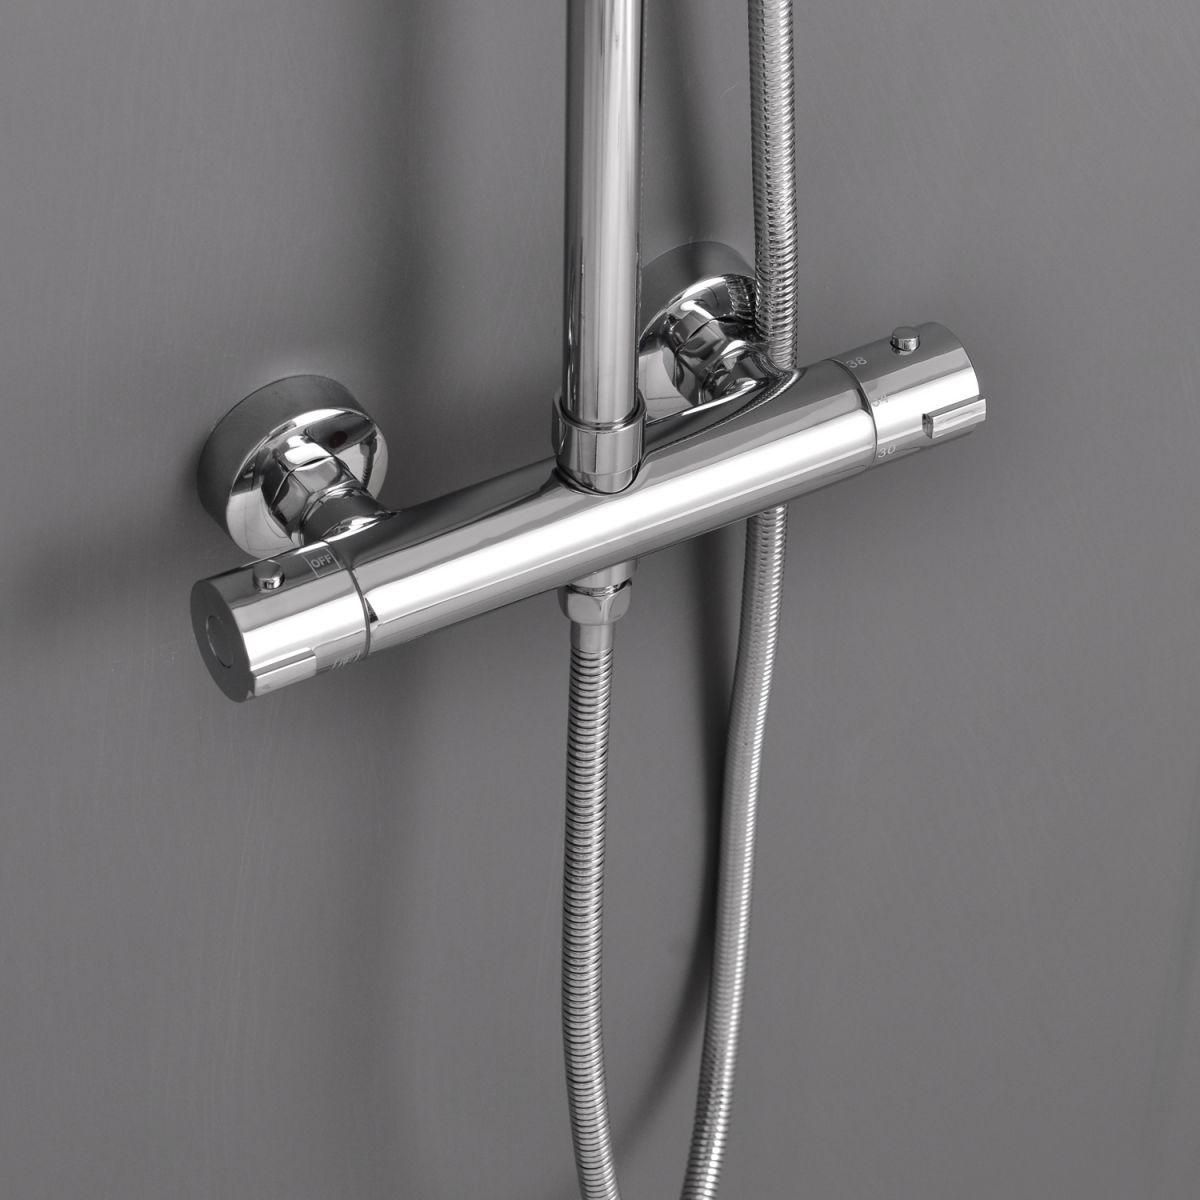 SS 01 2 Colonna doccia termostatica